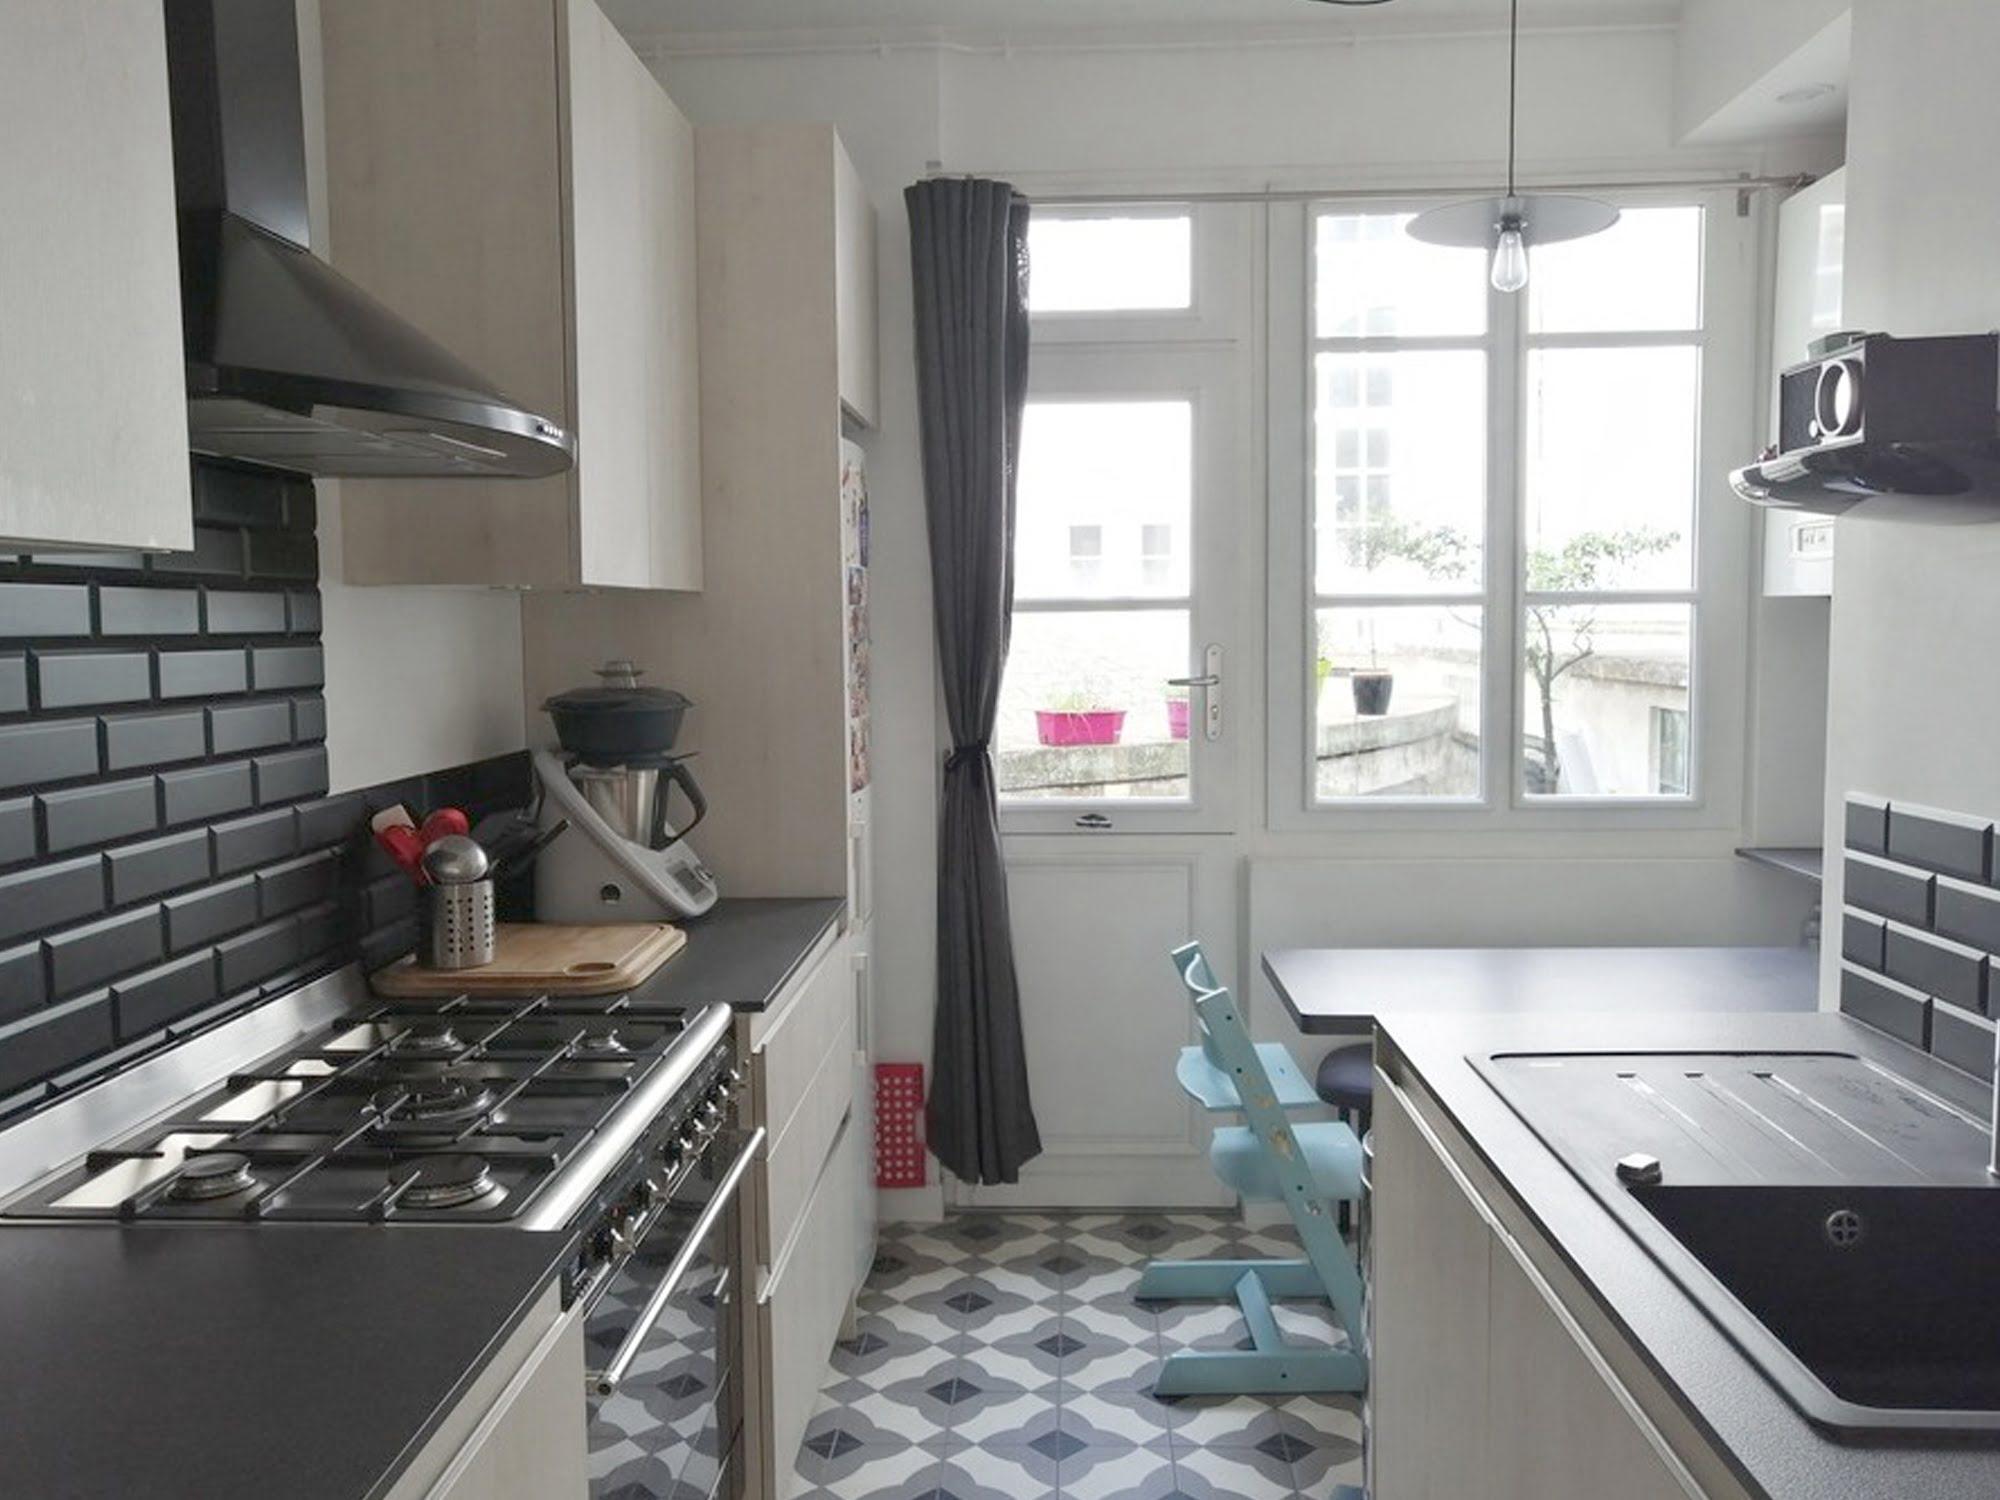 Cuisine agencement beek kuchen ls studio architecte intérieur vannes